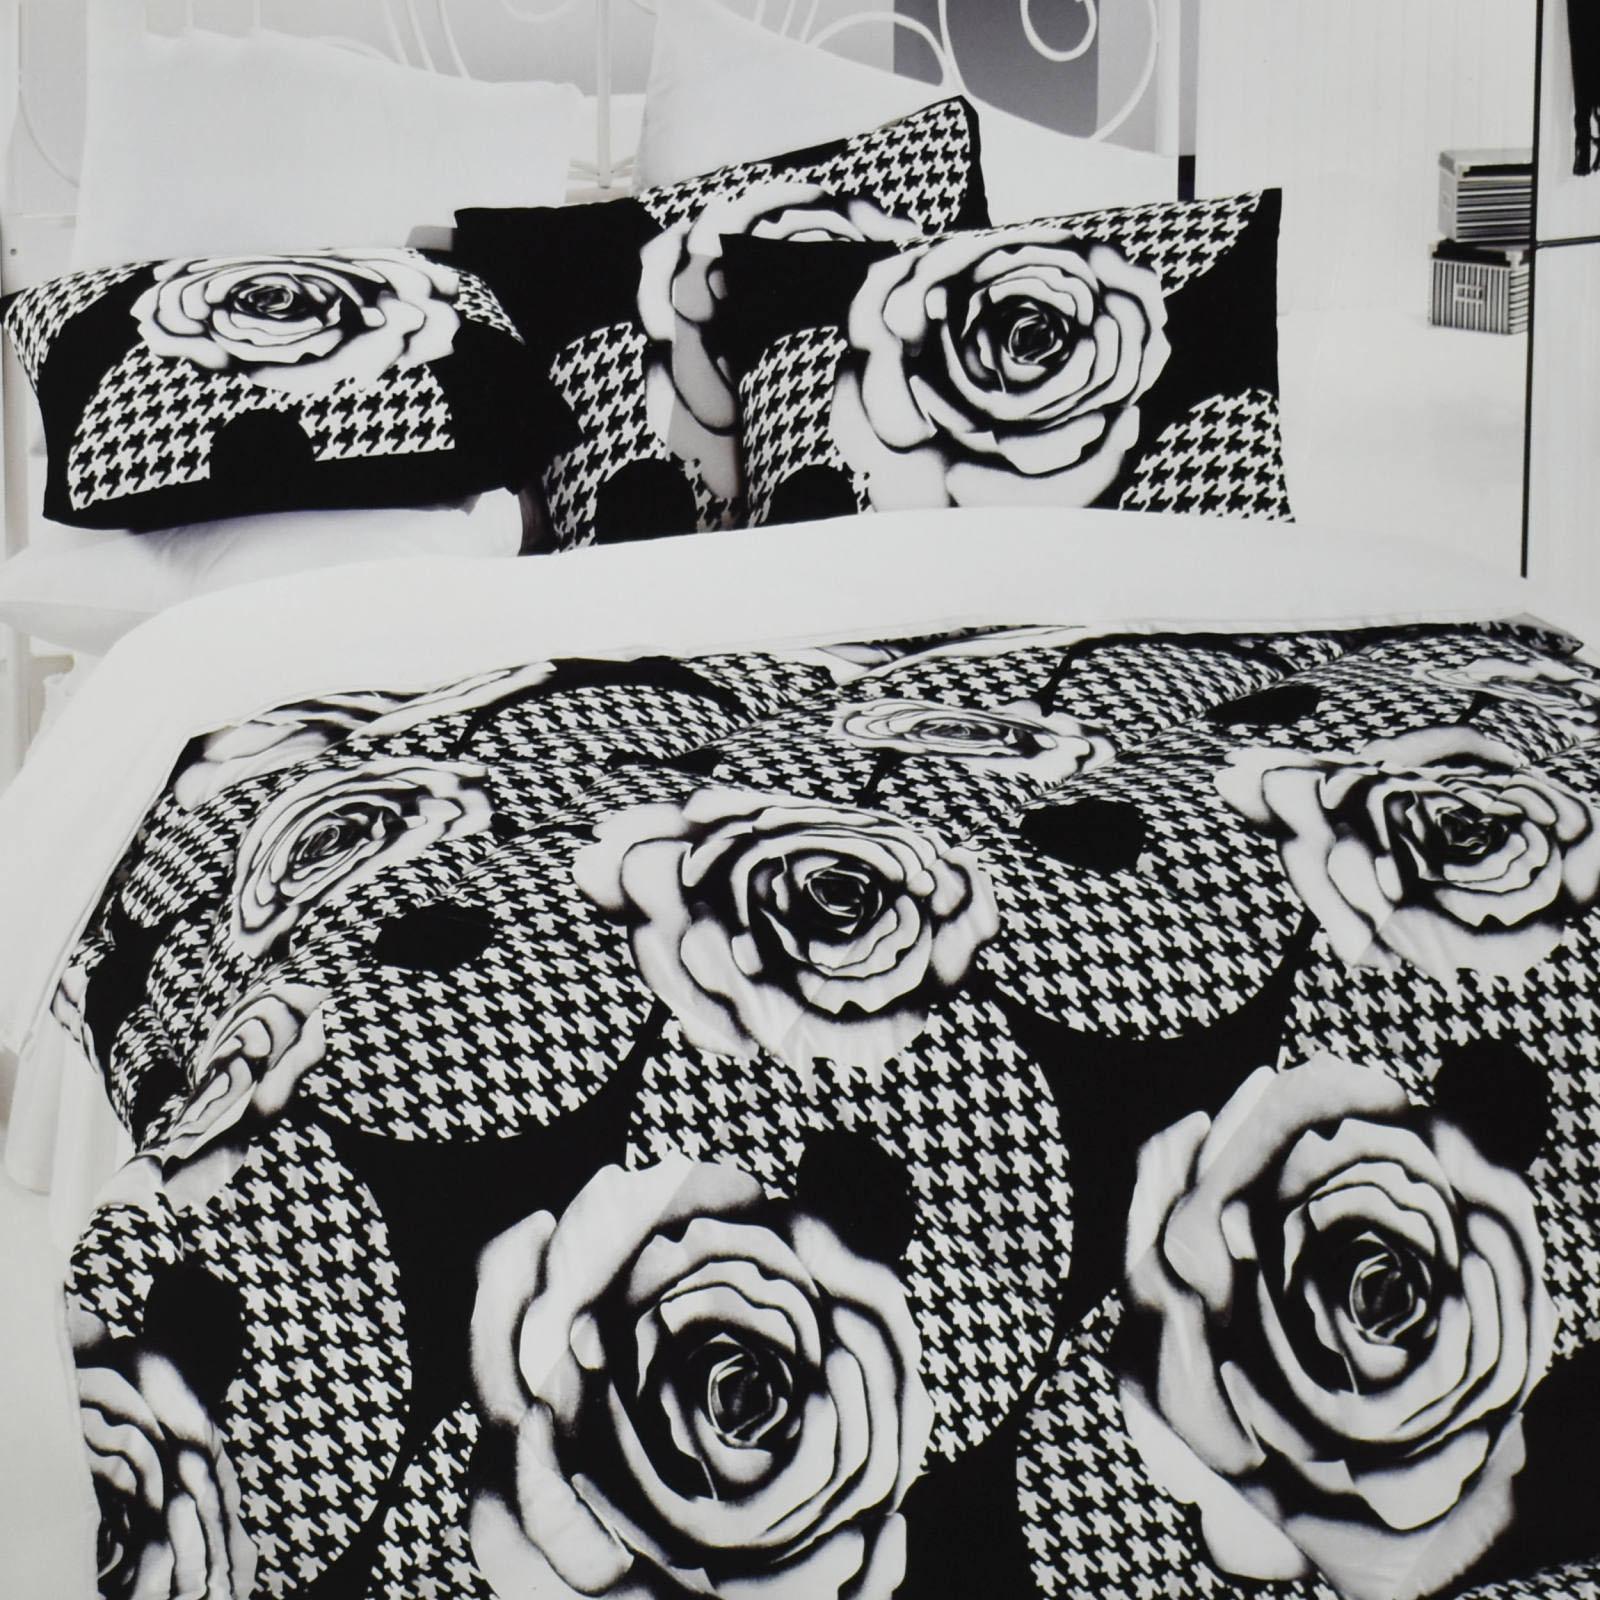 سرویس خواب کوپنیک نفره ۵ تکه مدل Black flowers